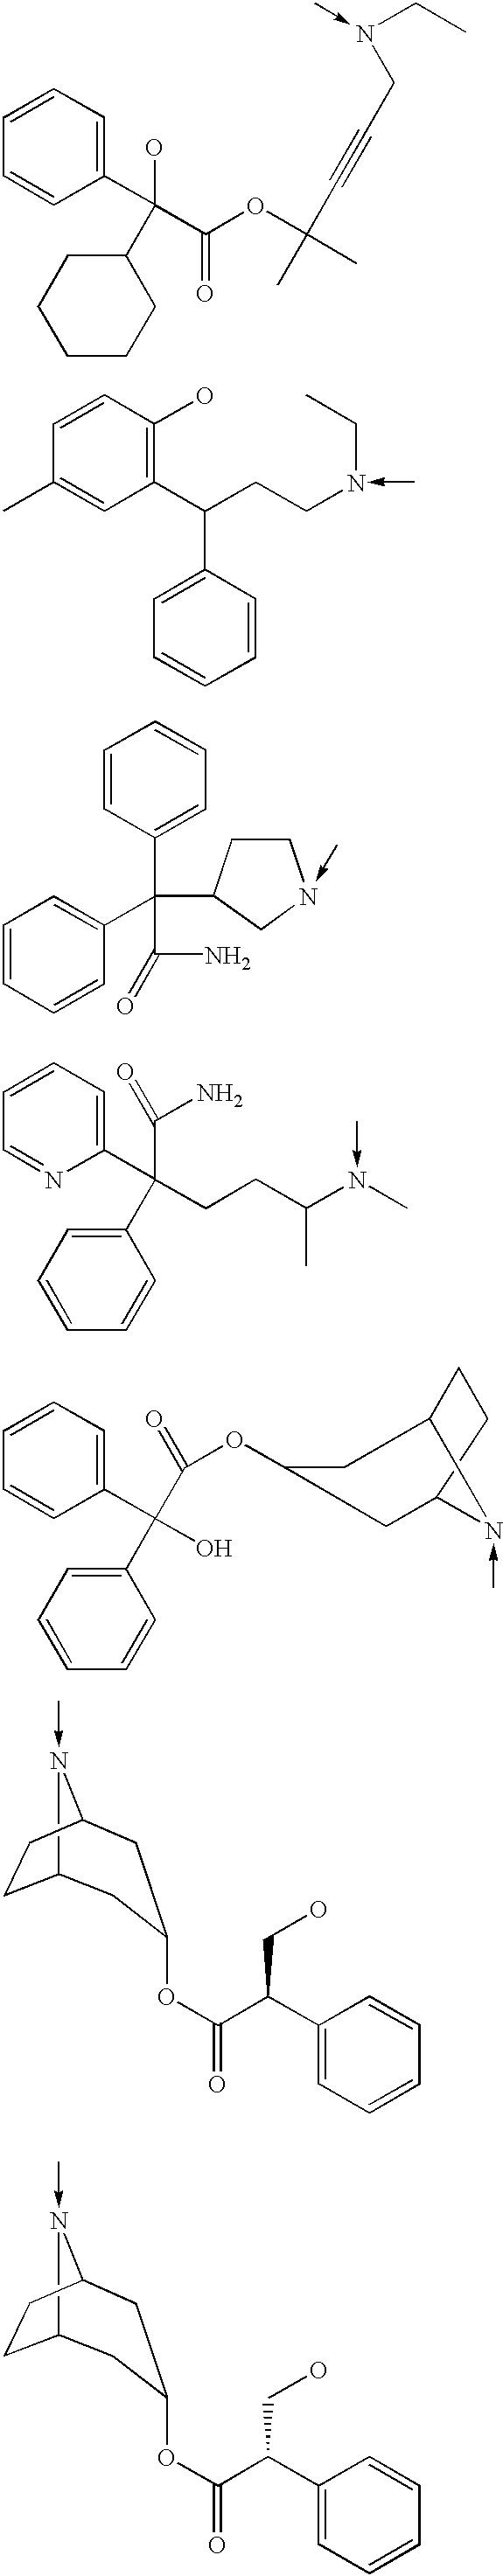 Figure US06693202-20040217-C00082